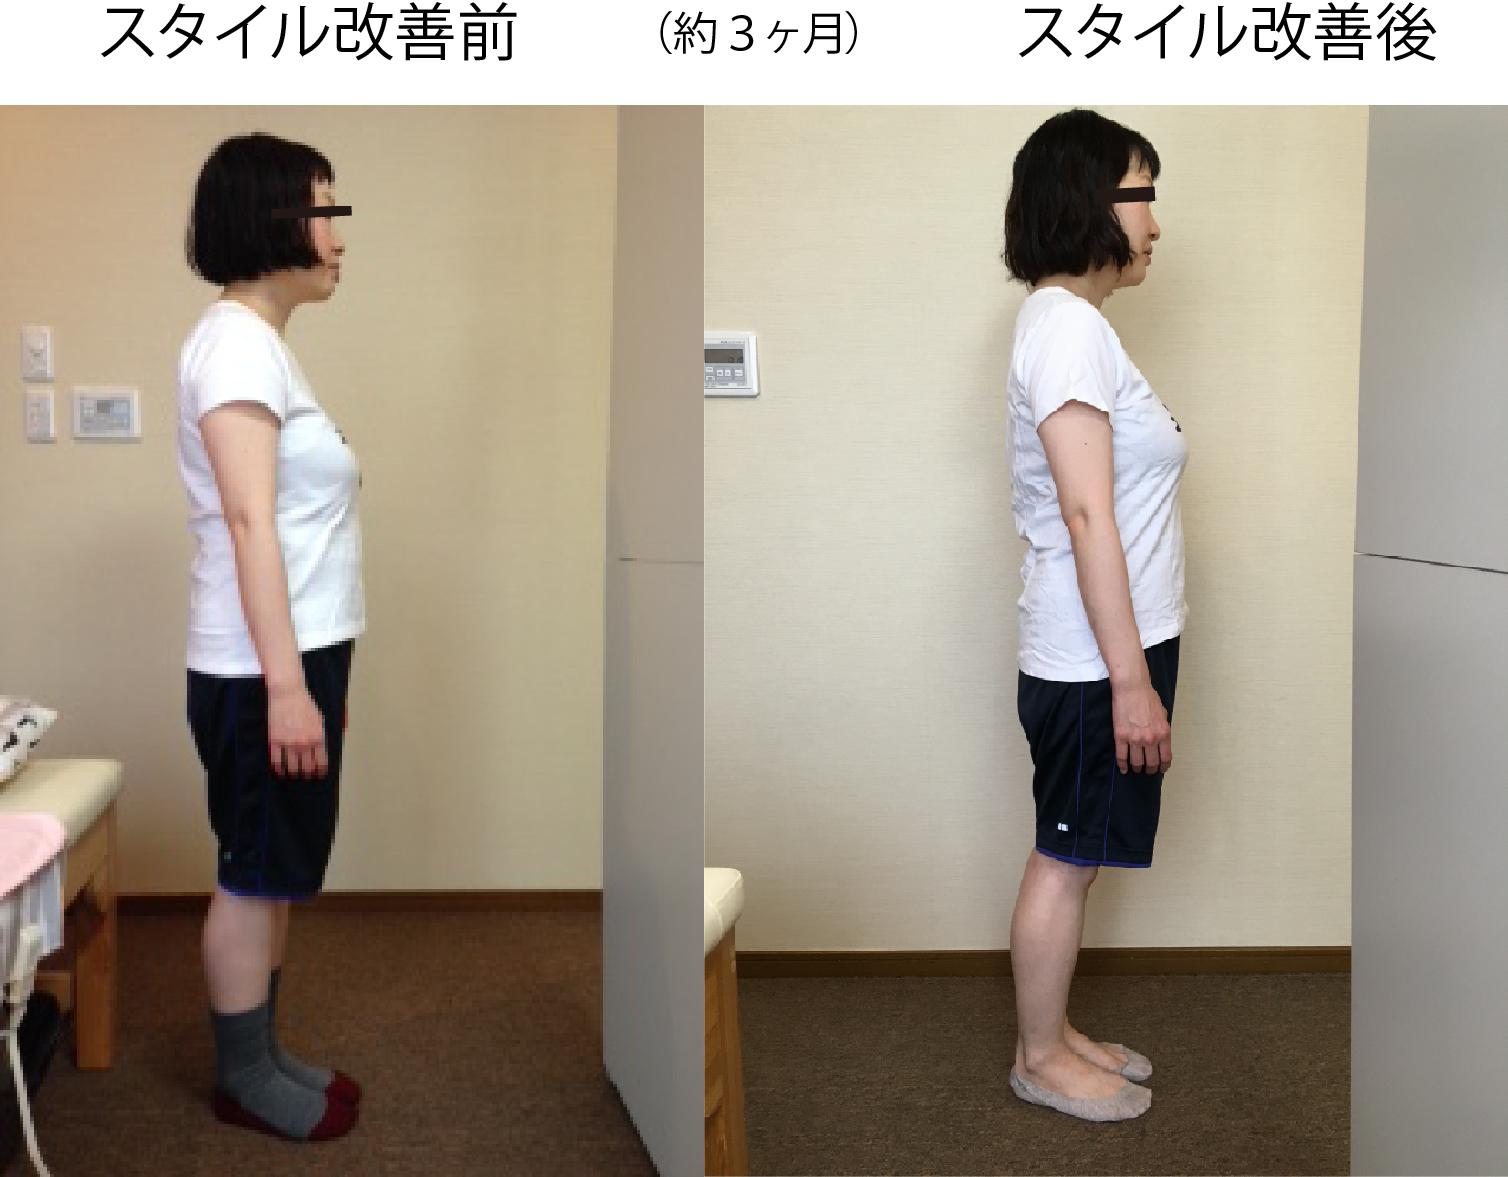 産後 スタイル 体操